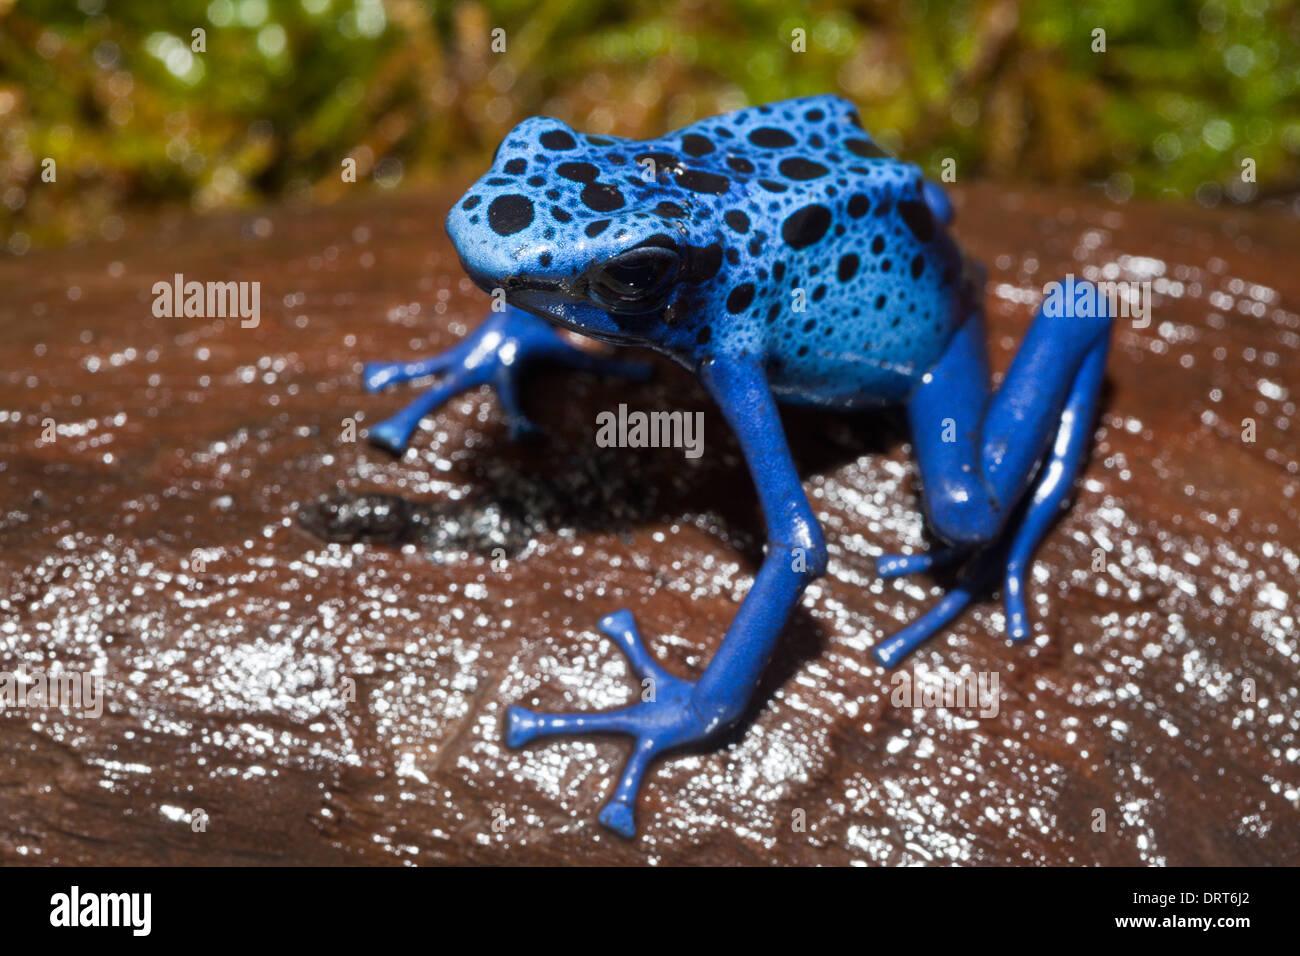 Blue Poison Dart Frog, Dendrobates tinctorius azureus, Suriname - Stock Image